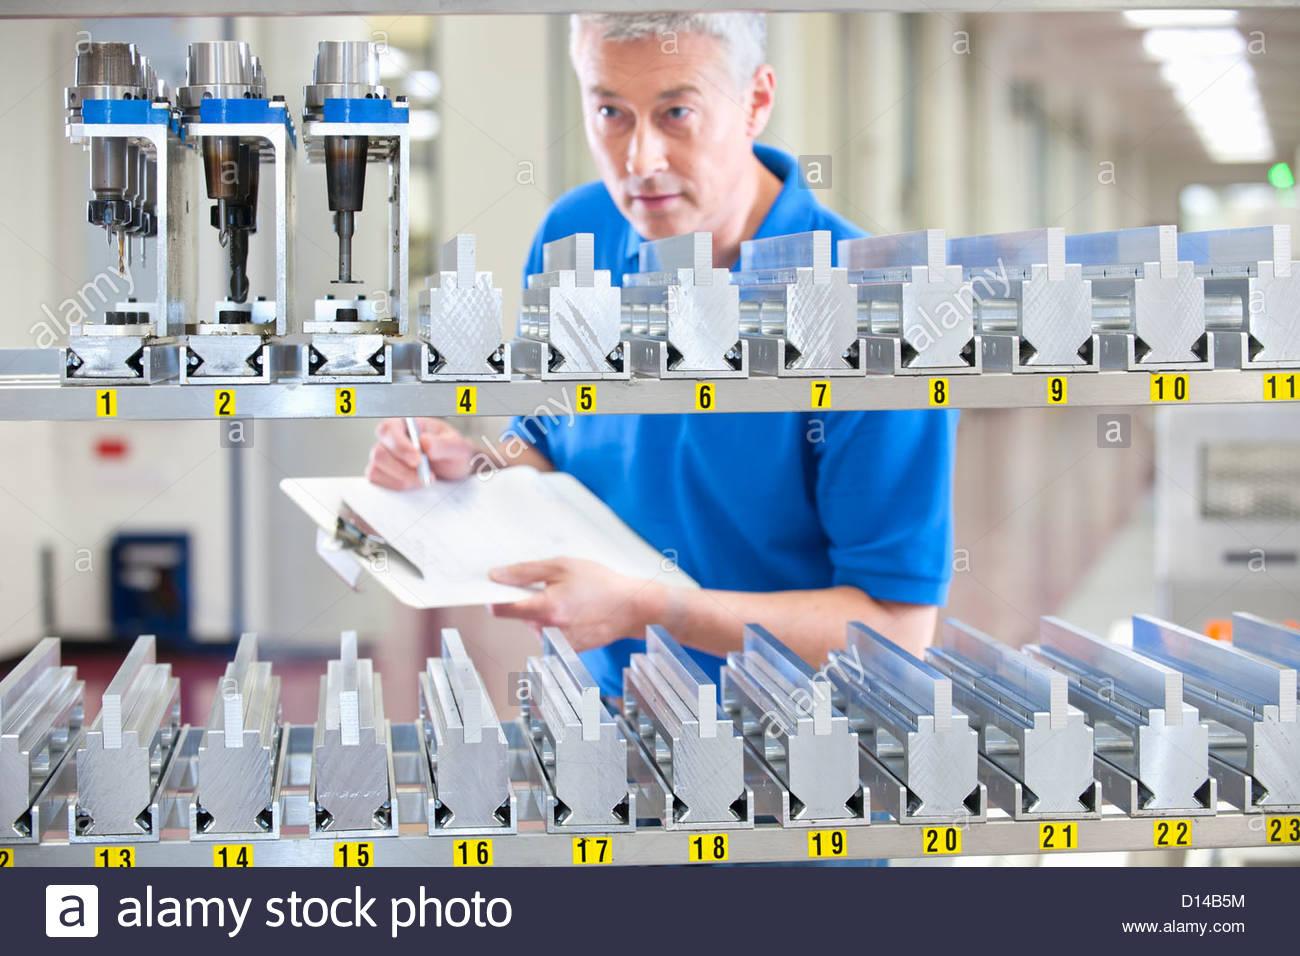 Contrôle de l'inventaire Technicien machine parts in manufacturing plant Photo Stock